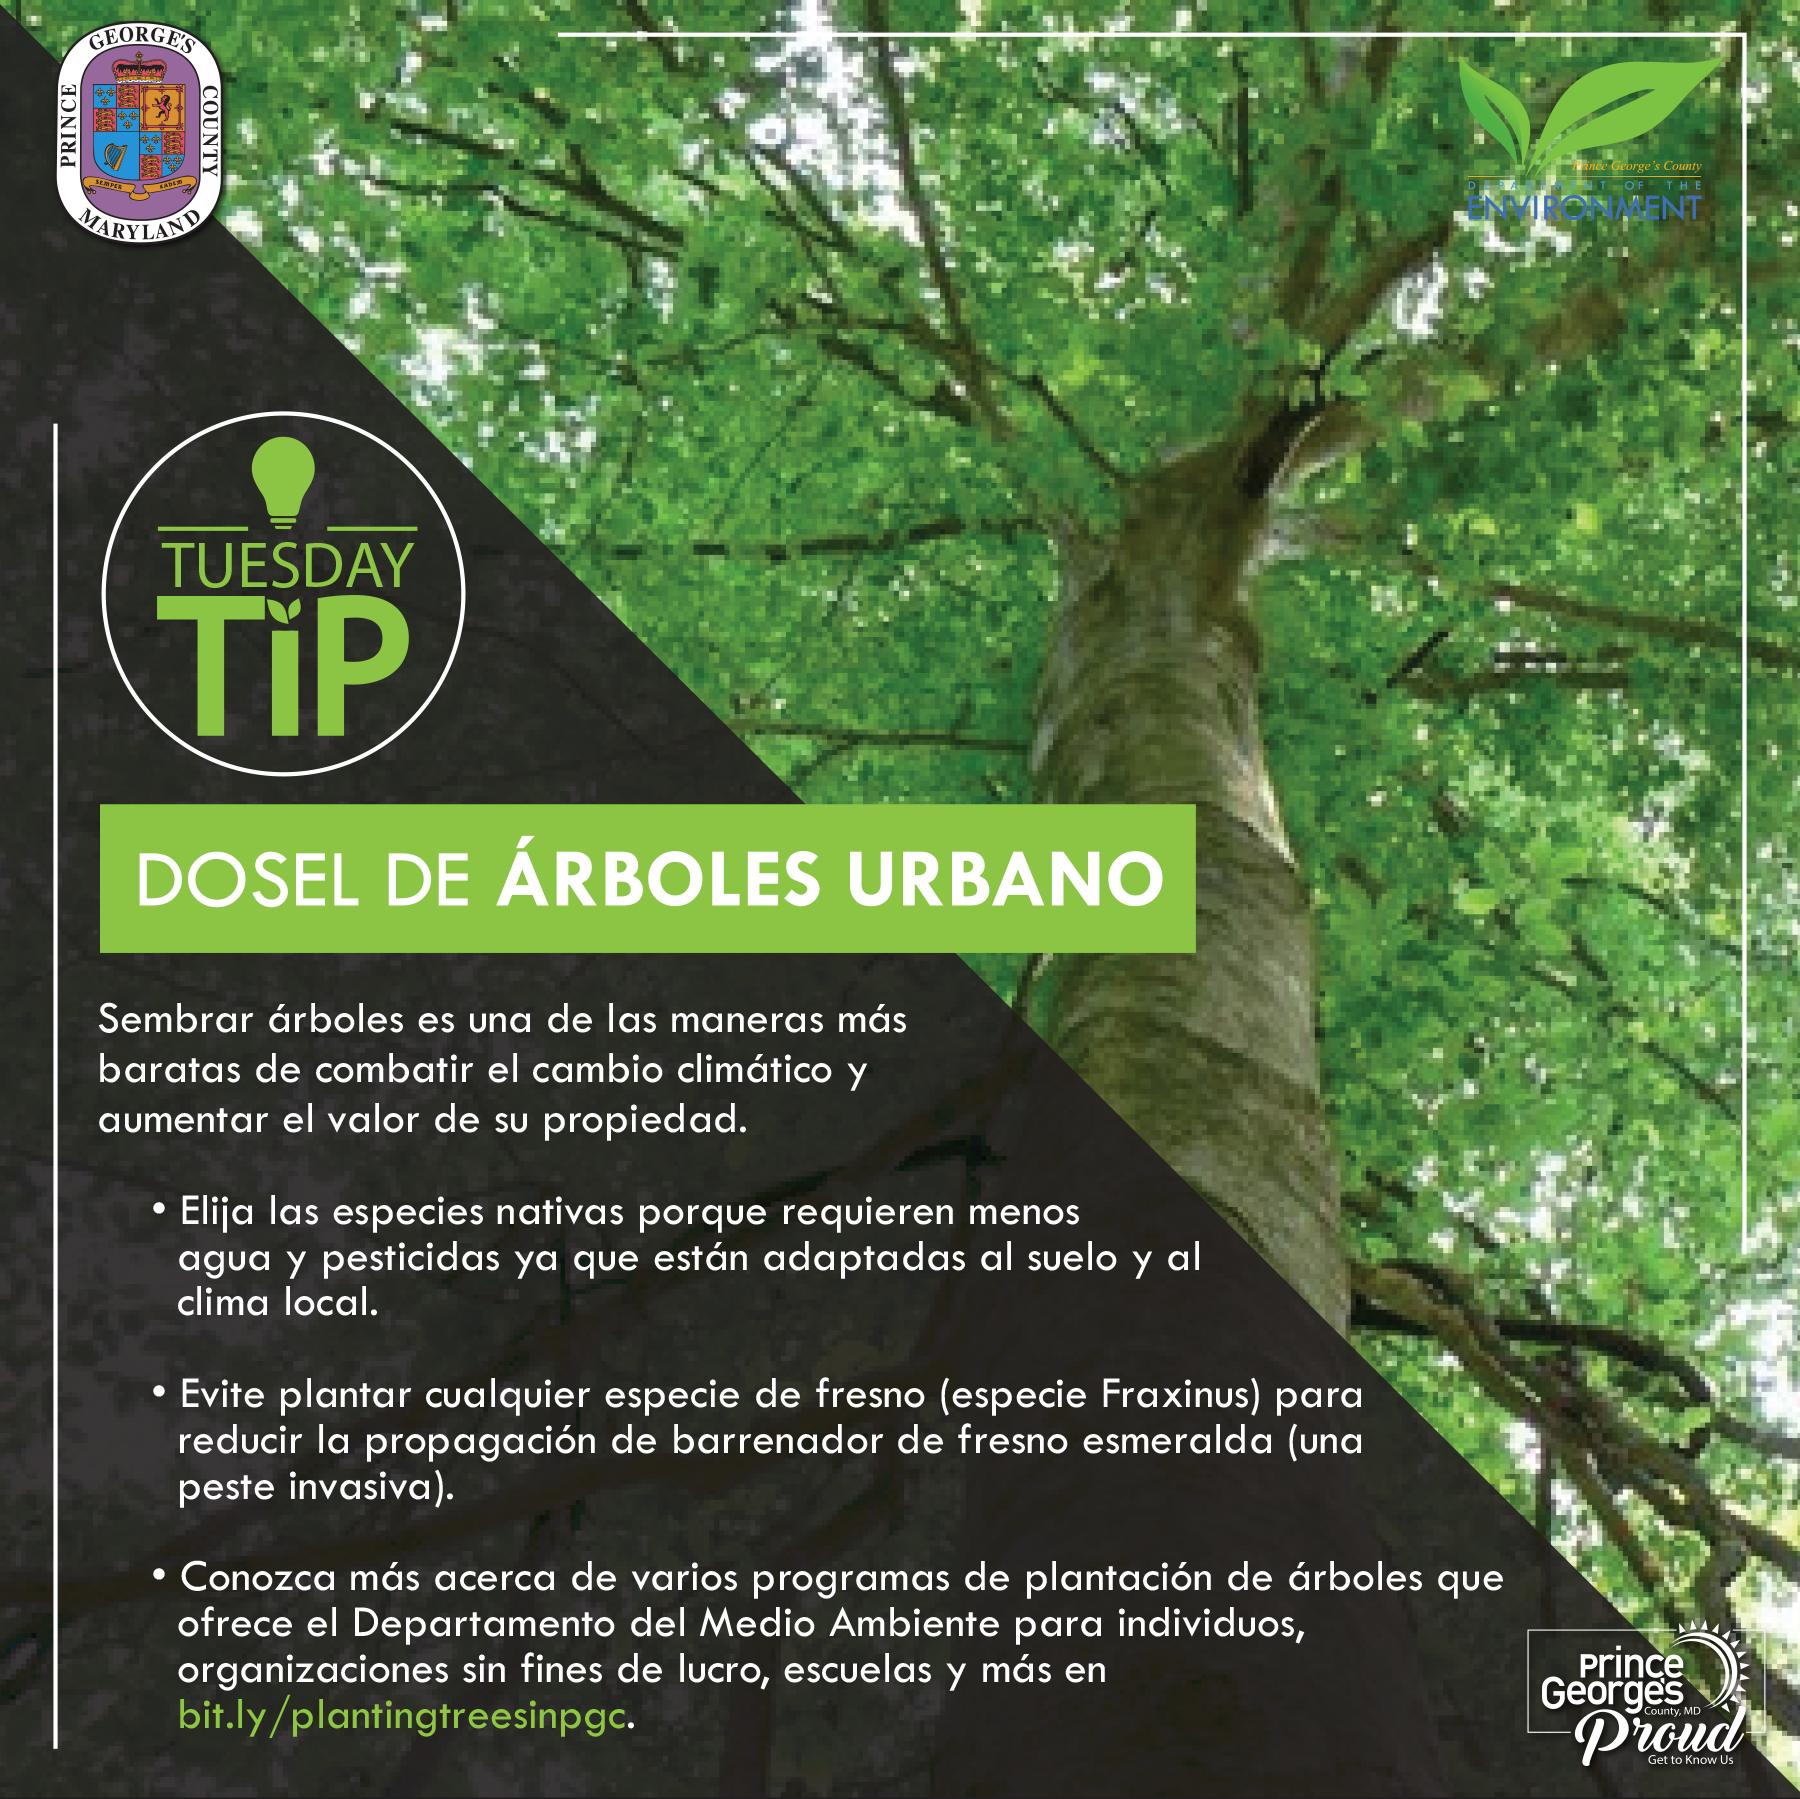 Tues Tip 4.27.21 TreeCanopy sp